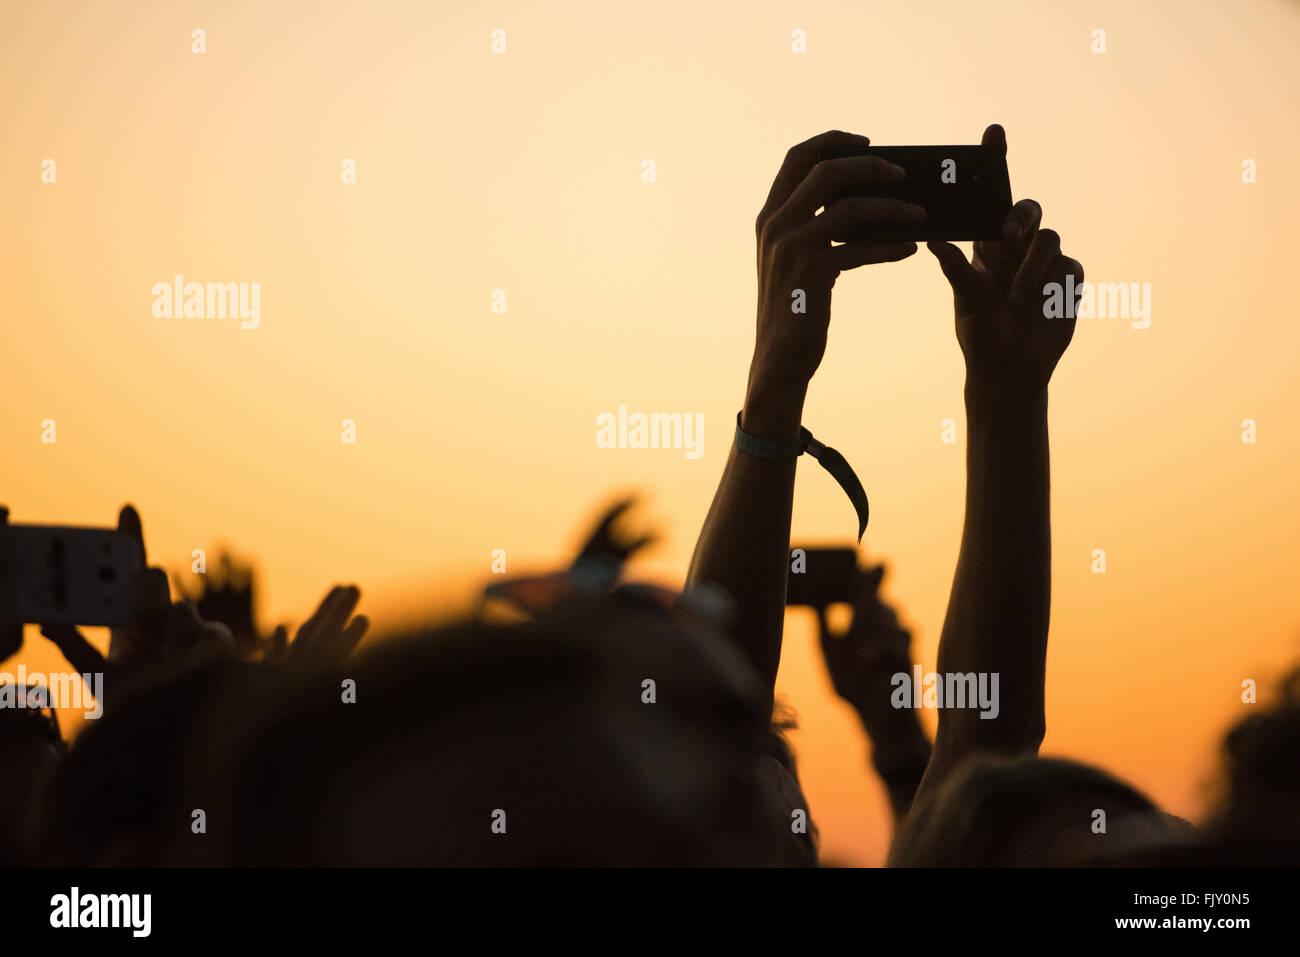 Photographier les mains coupées par les téléphones intelligents au cours du Festival de Musique Photo Stock